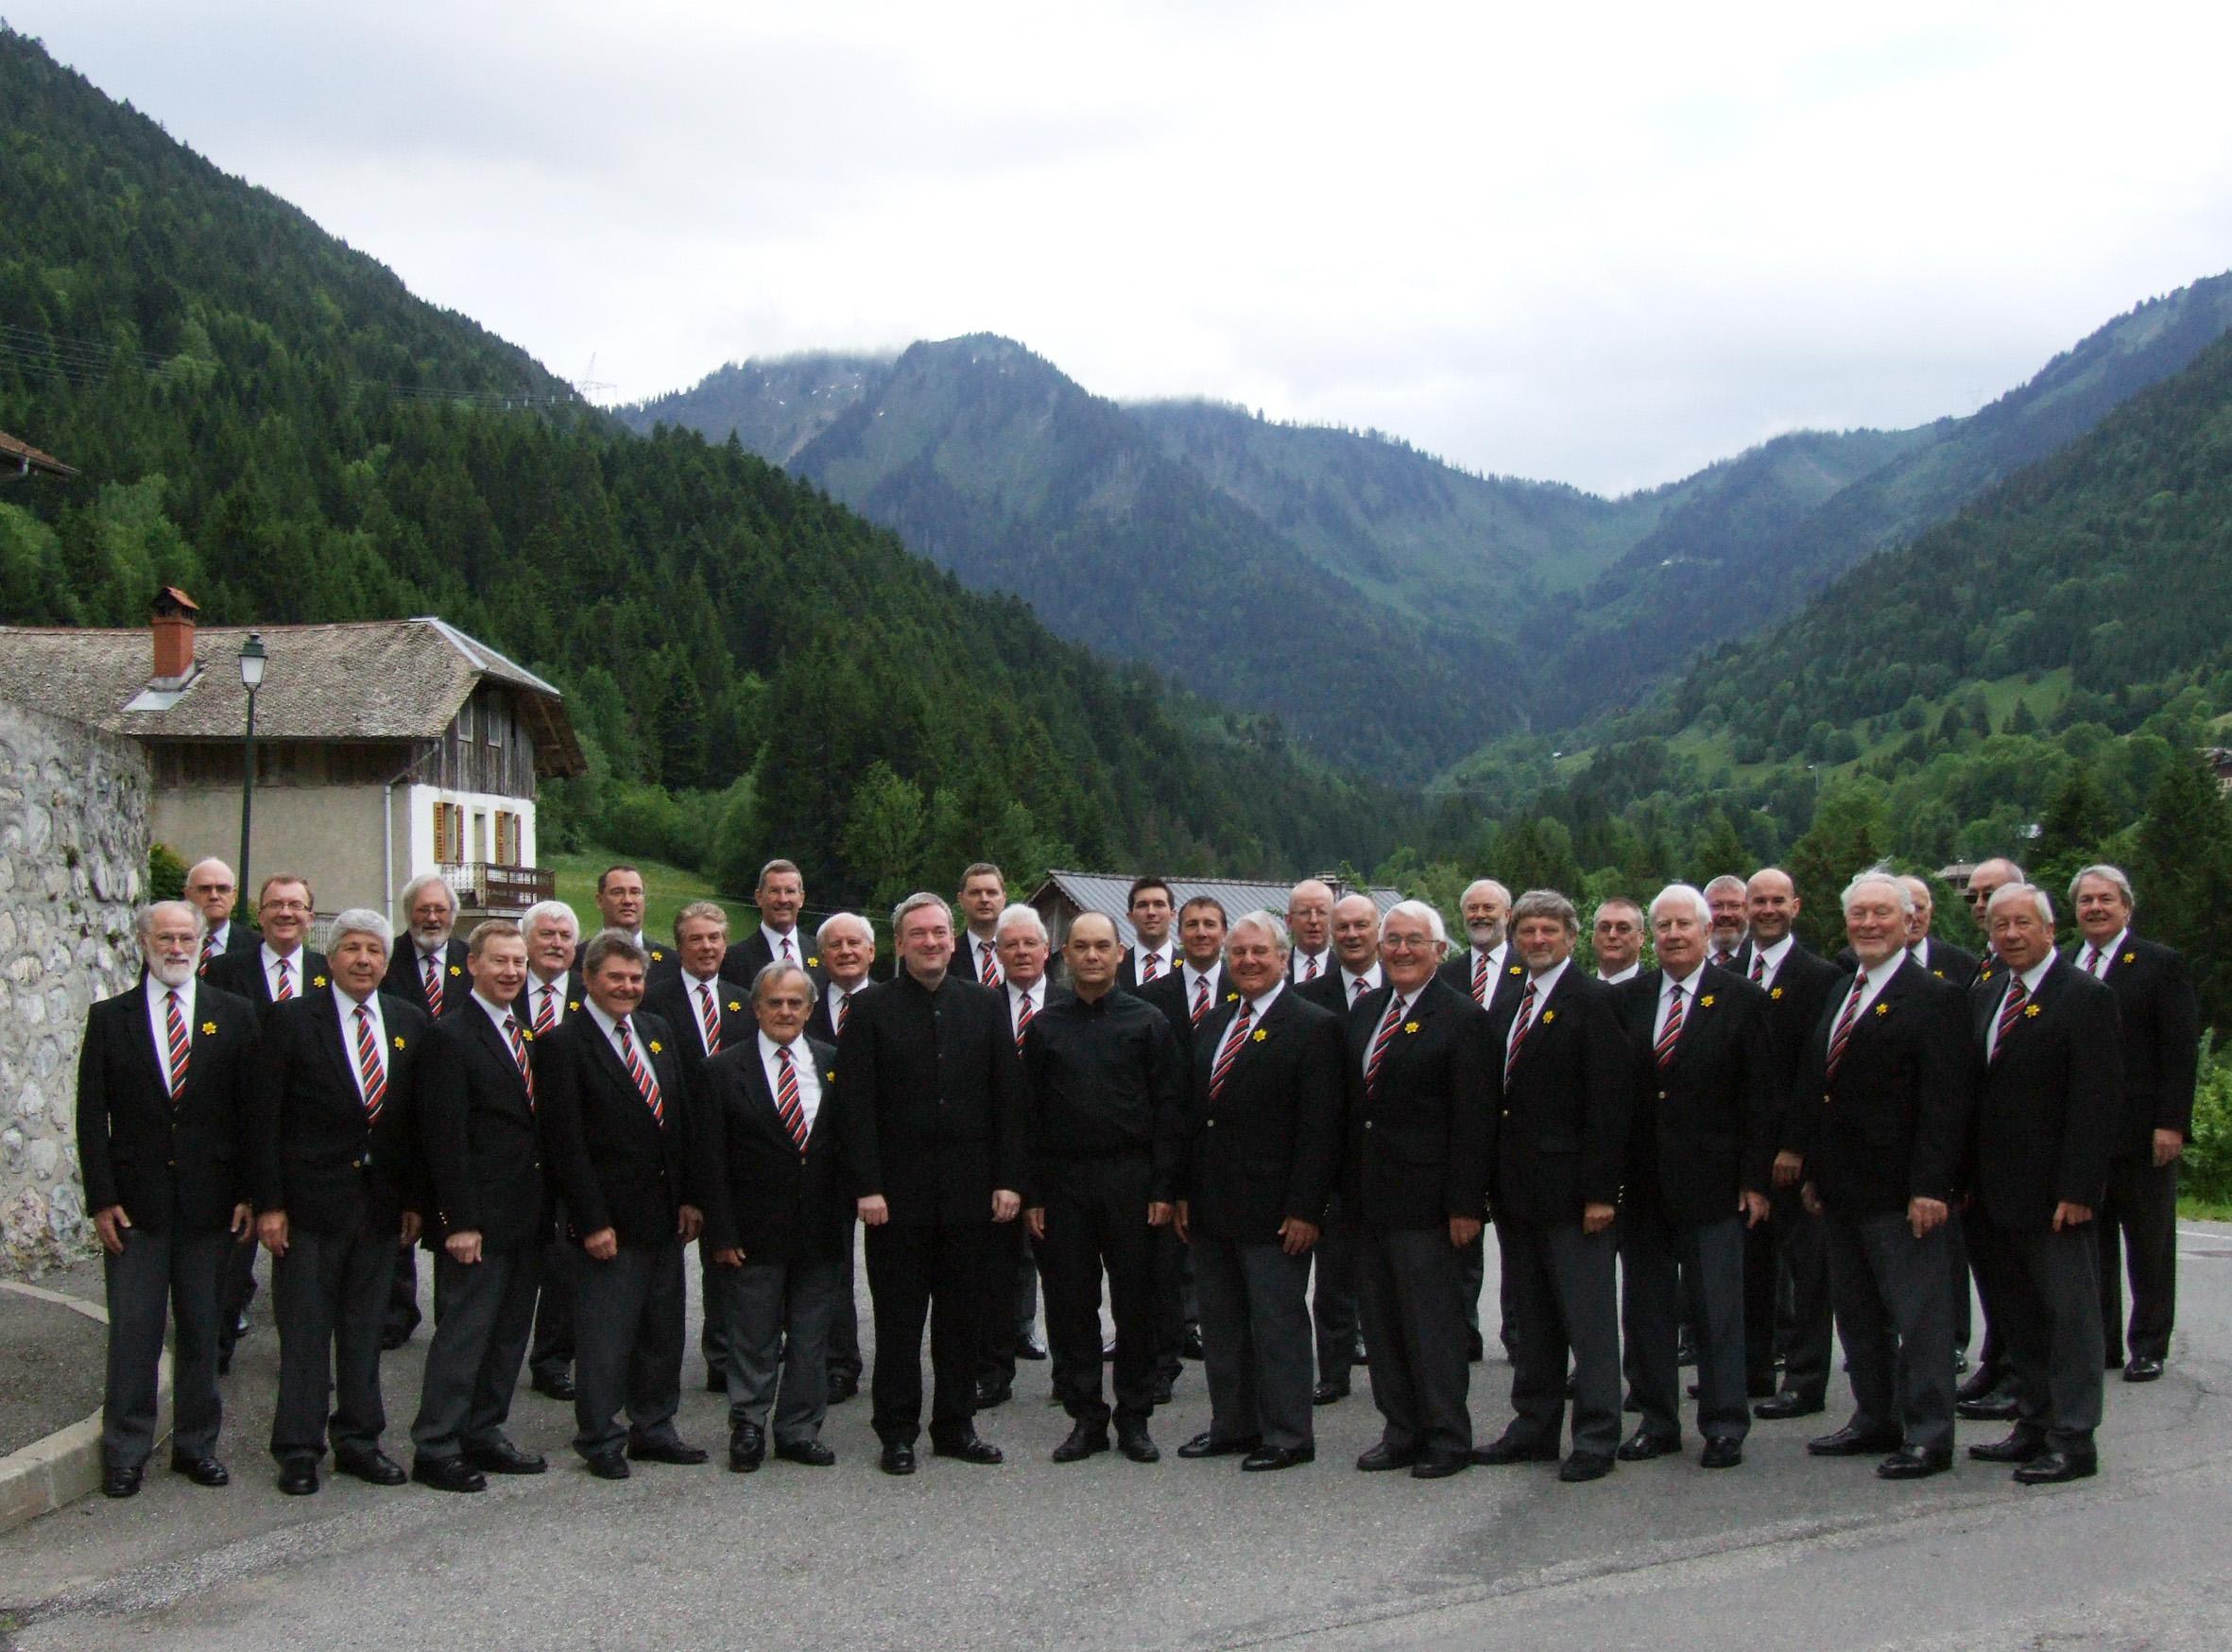 Choir in Seytroux.jpg